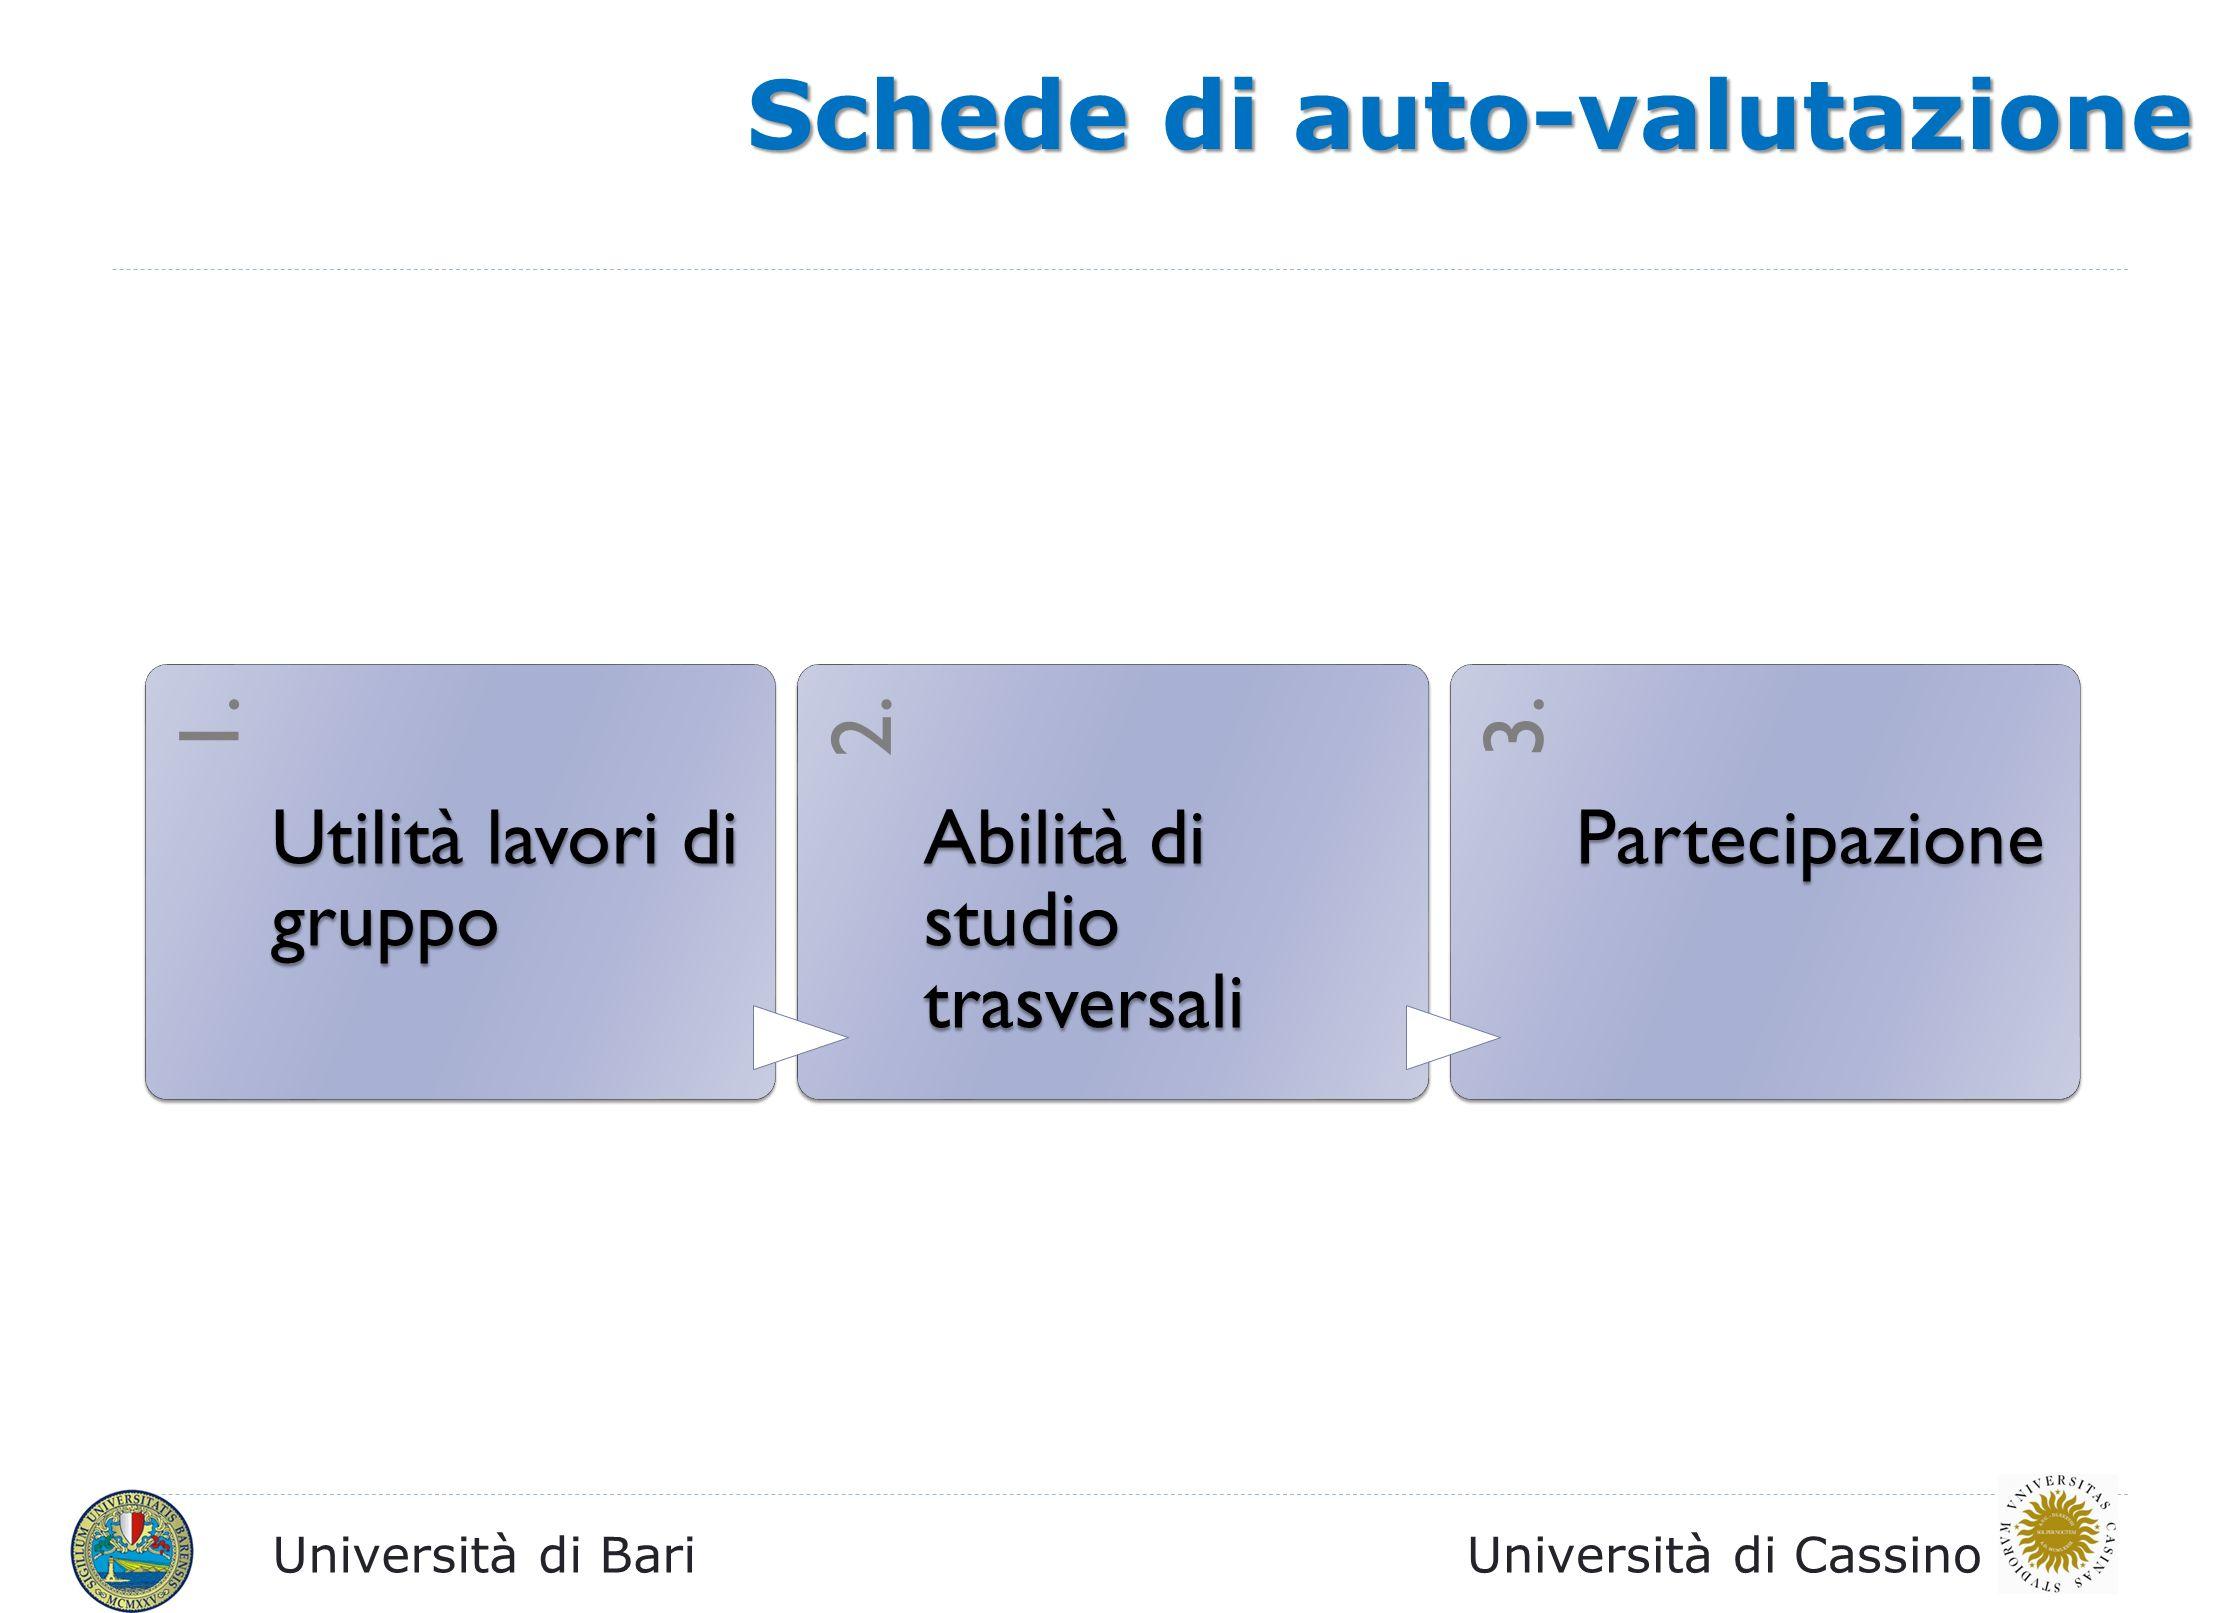 Università di BariUniversità di Cassino Schede di auto-valutazione 1. Utilità lavori di gruppo 2. Abilità di studio trasversali 3. Partecipazione